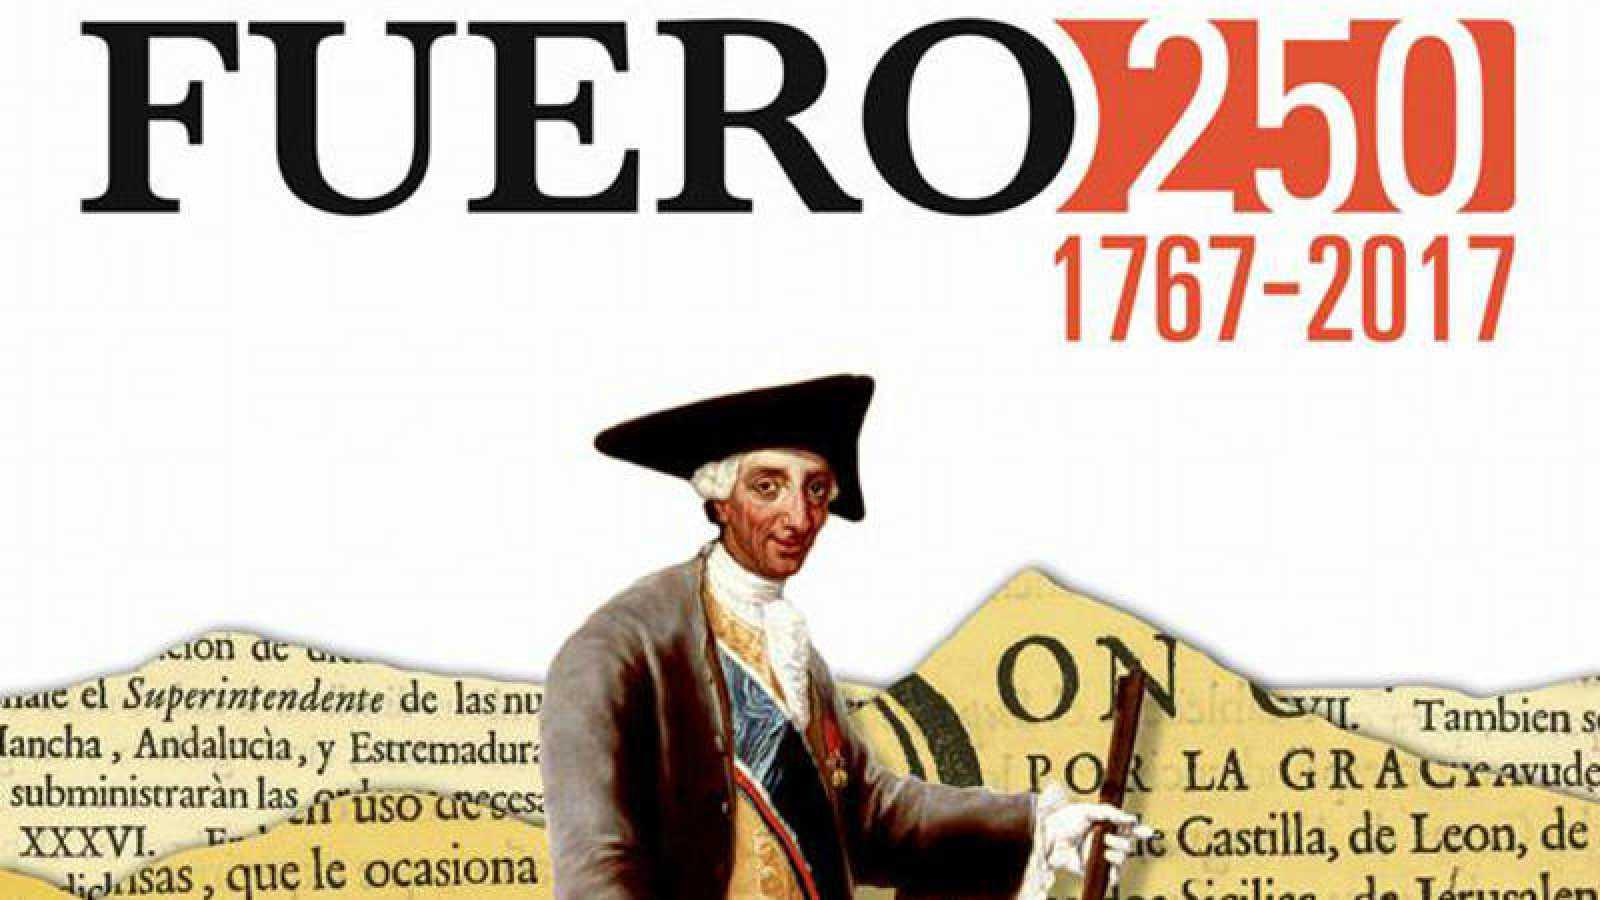 250 aniversario de la promulgación del Fuero de Población